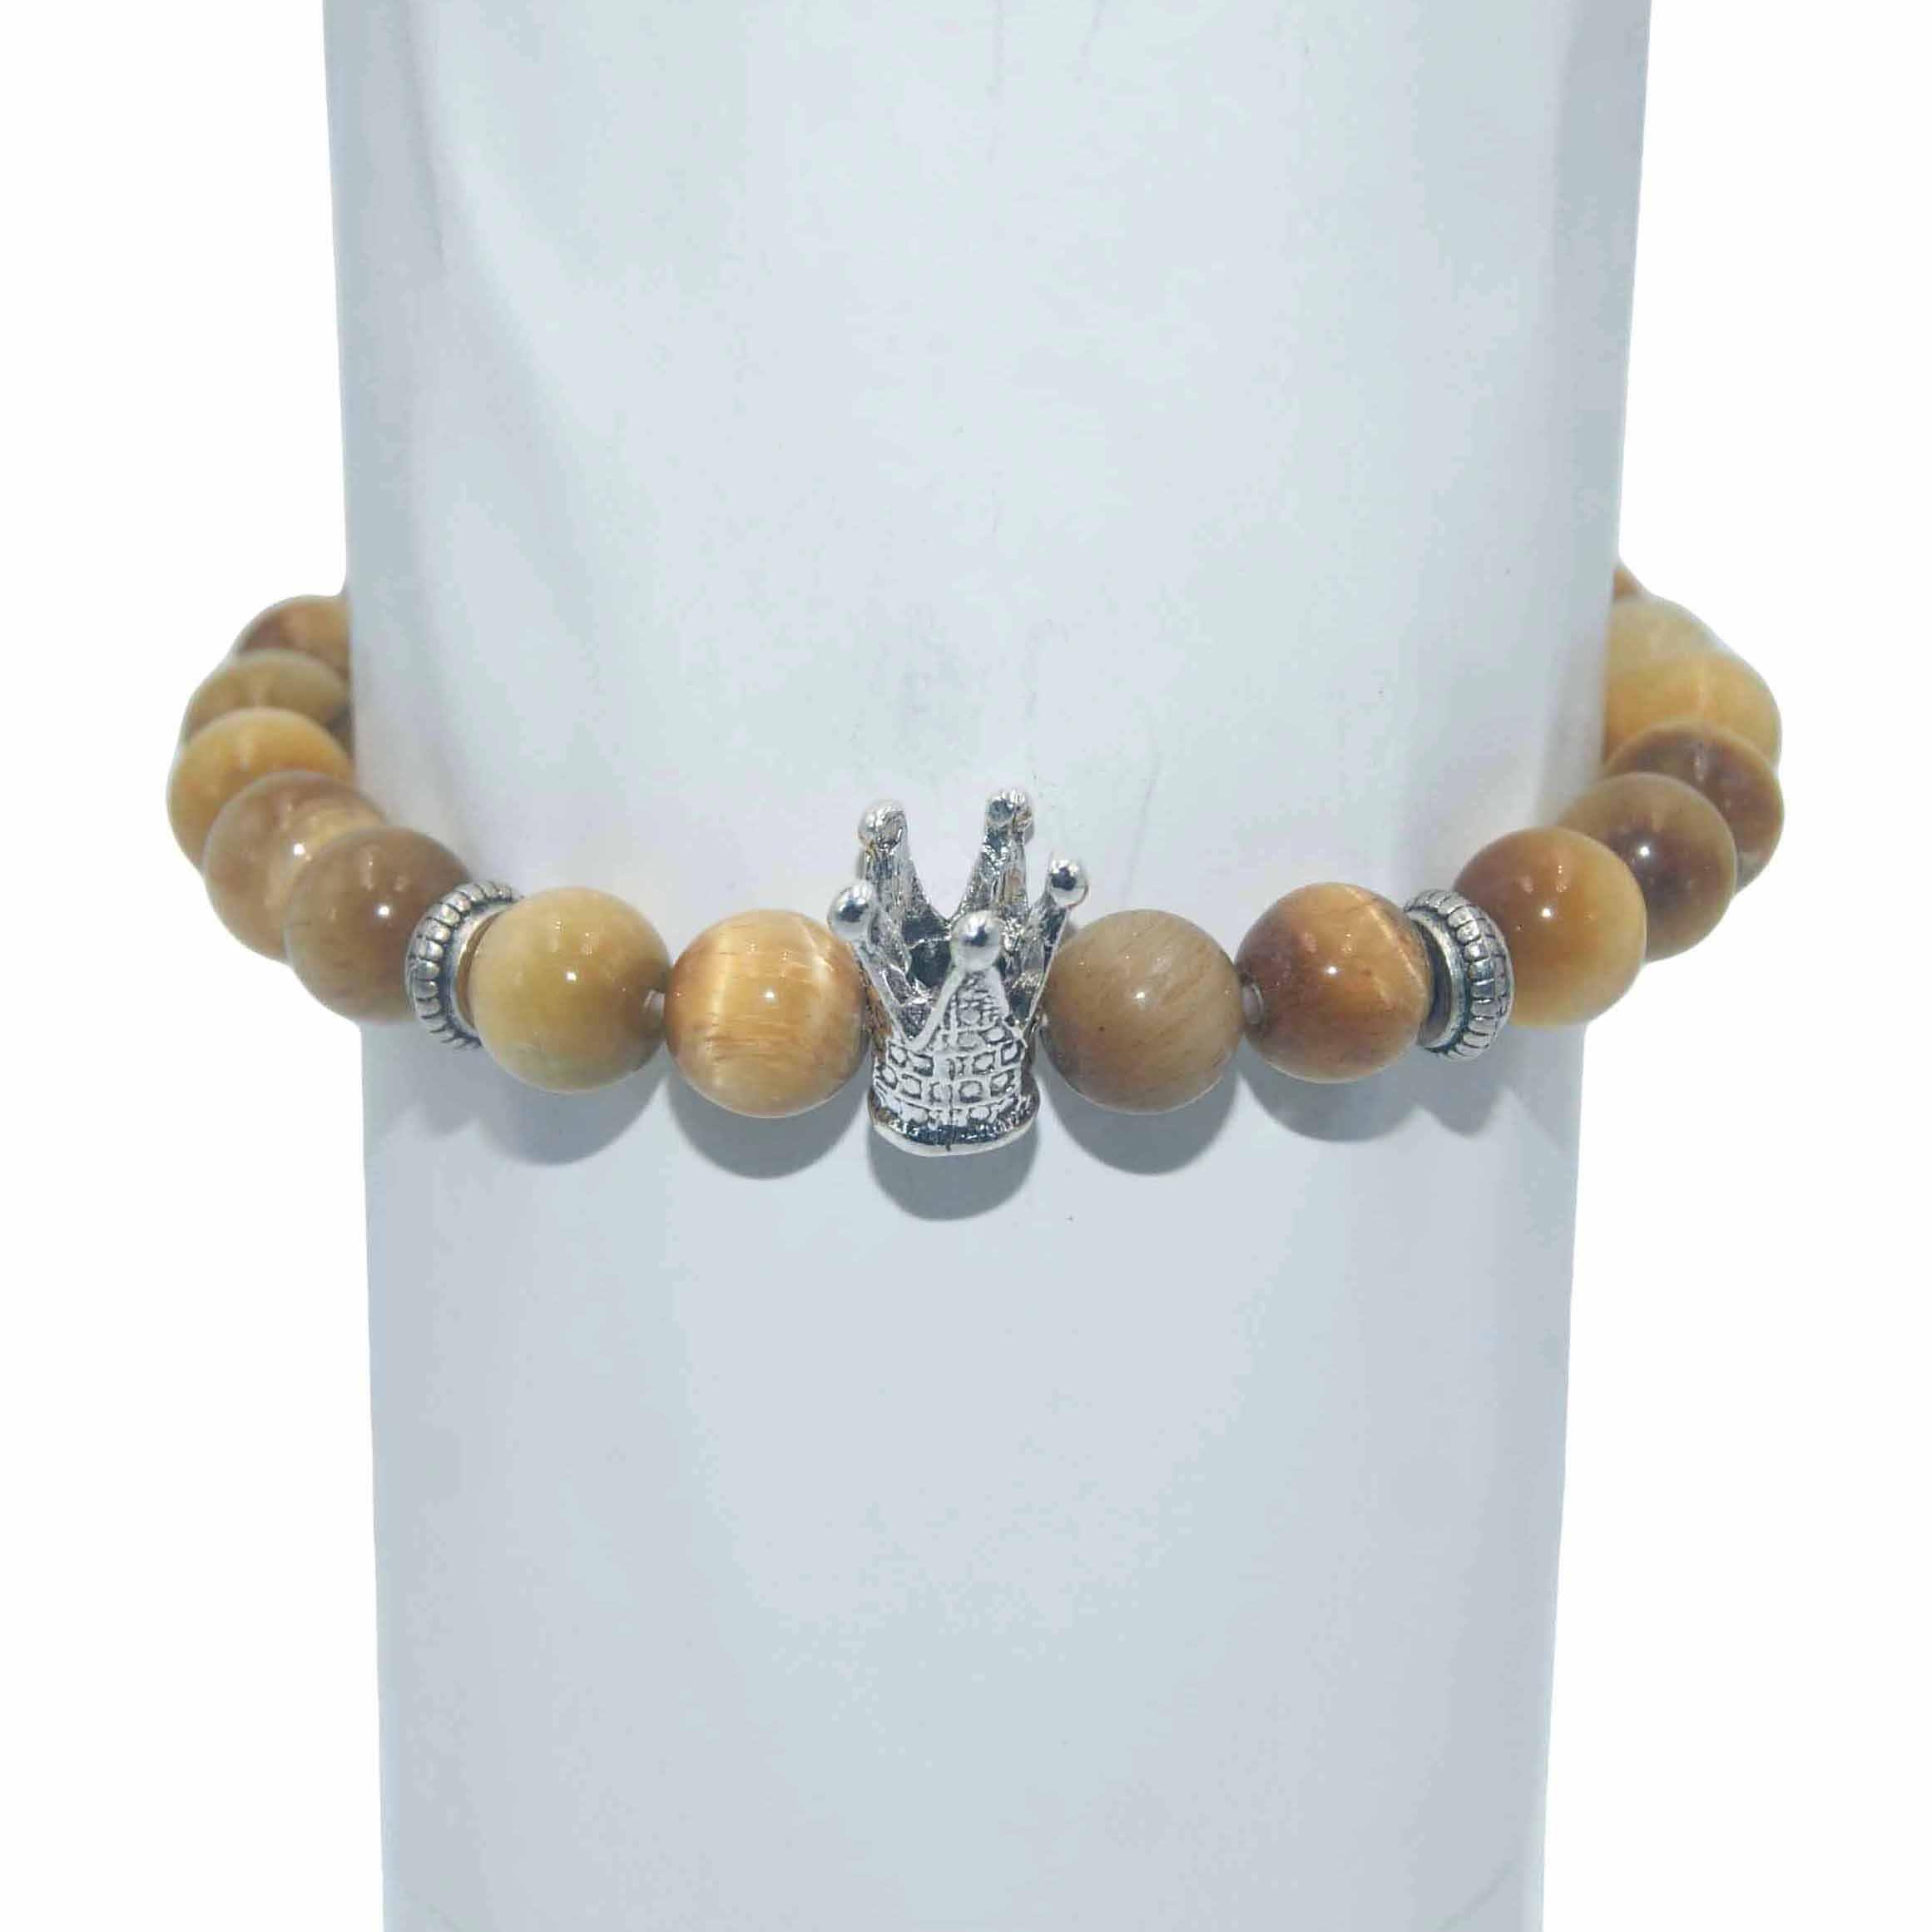 8 MM moda srebrzyste korona Charm bransoletka mężczyzna kobiet lazuryt ametysty agaty tygrysie oko kamień koraliki bransoletka joga biżuteria